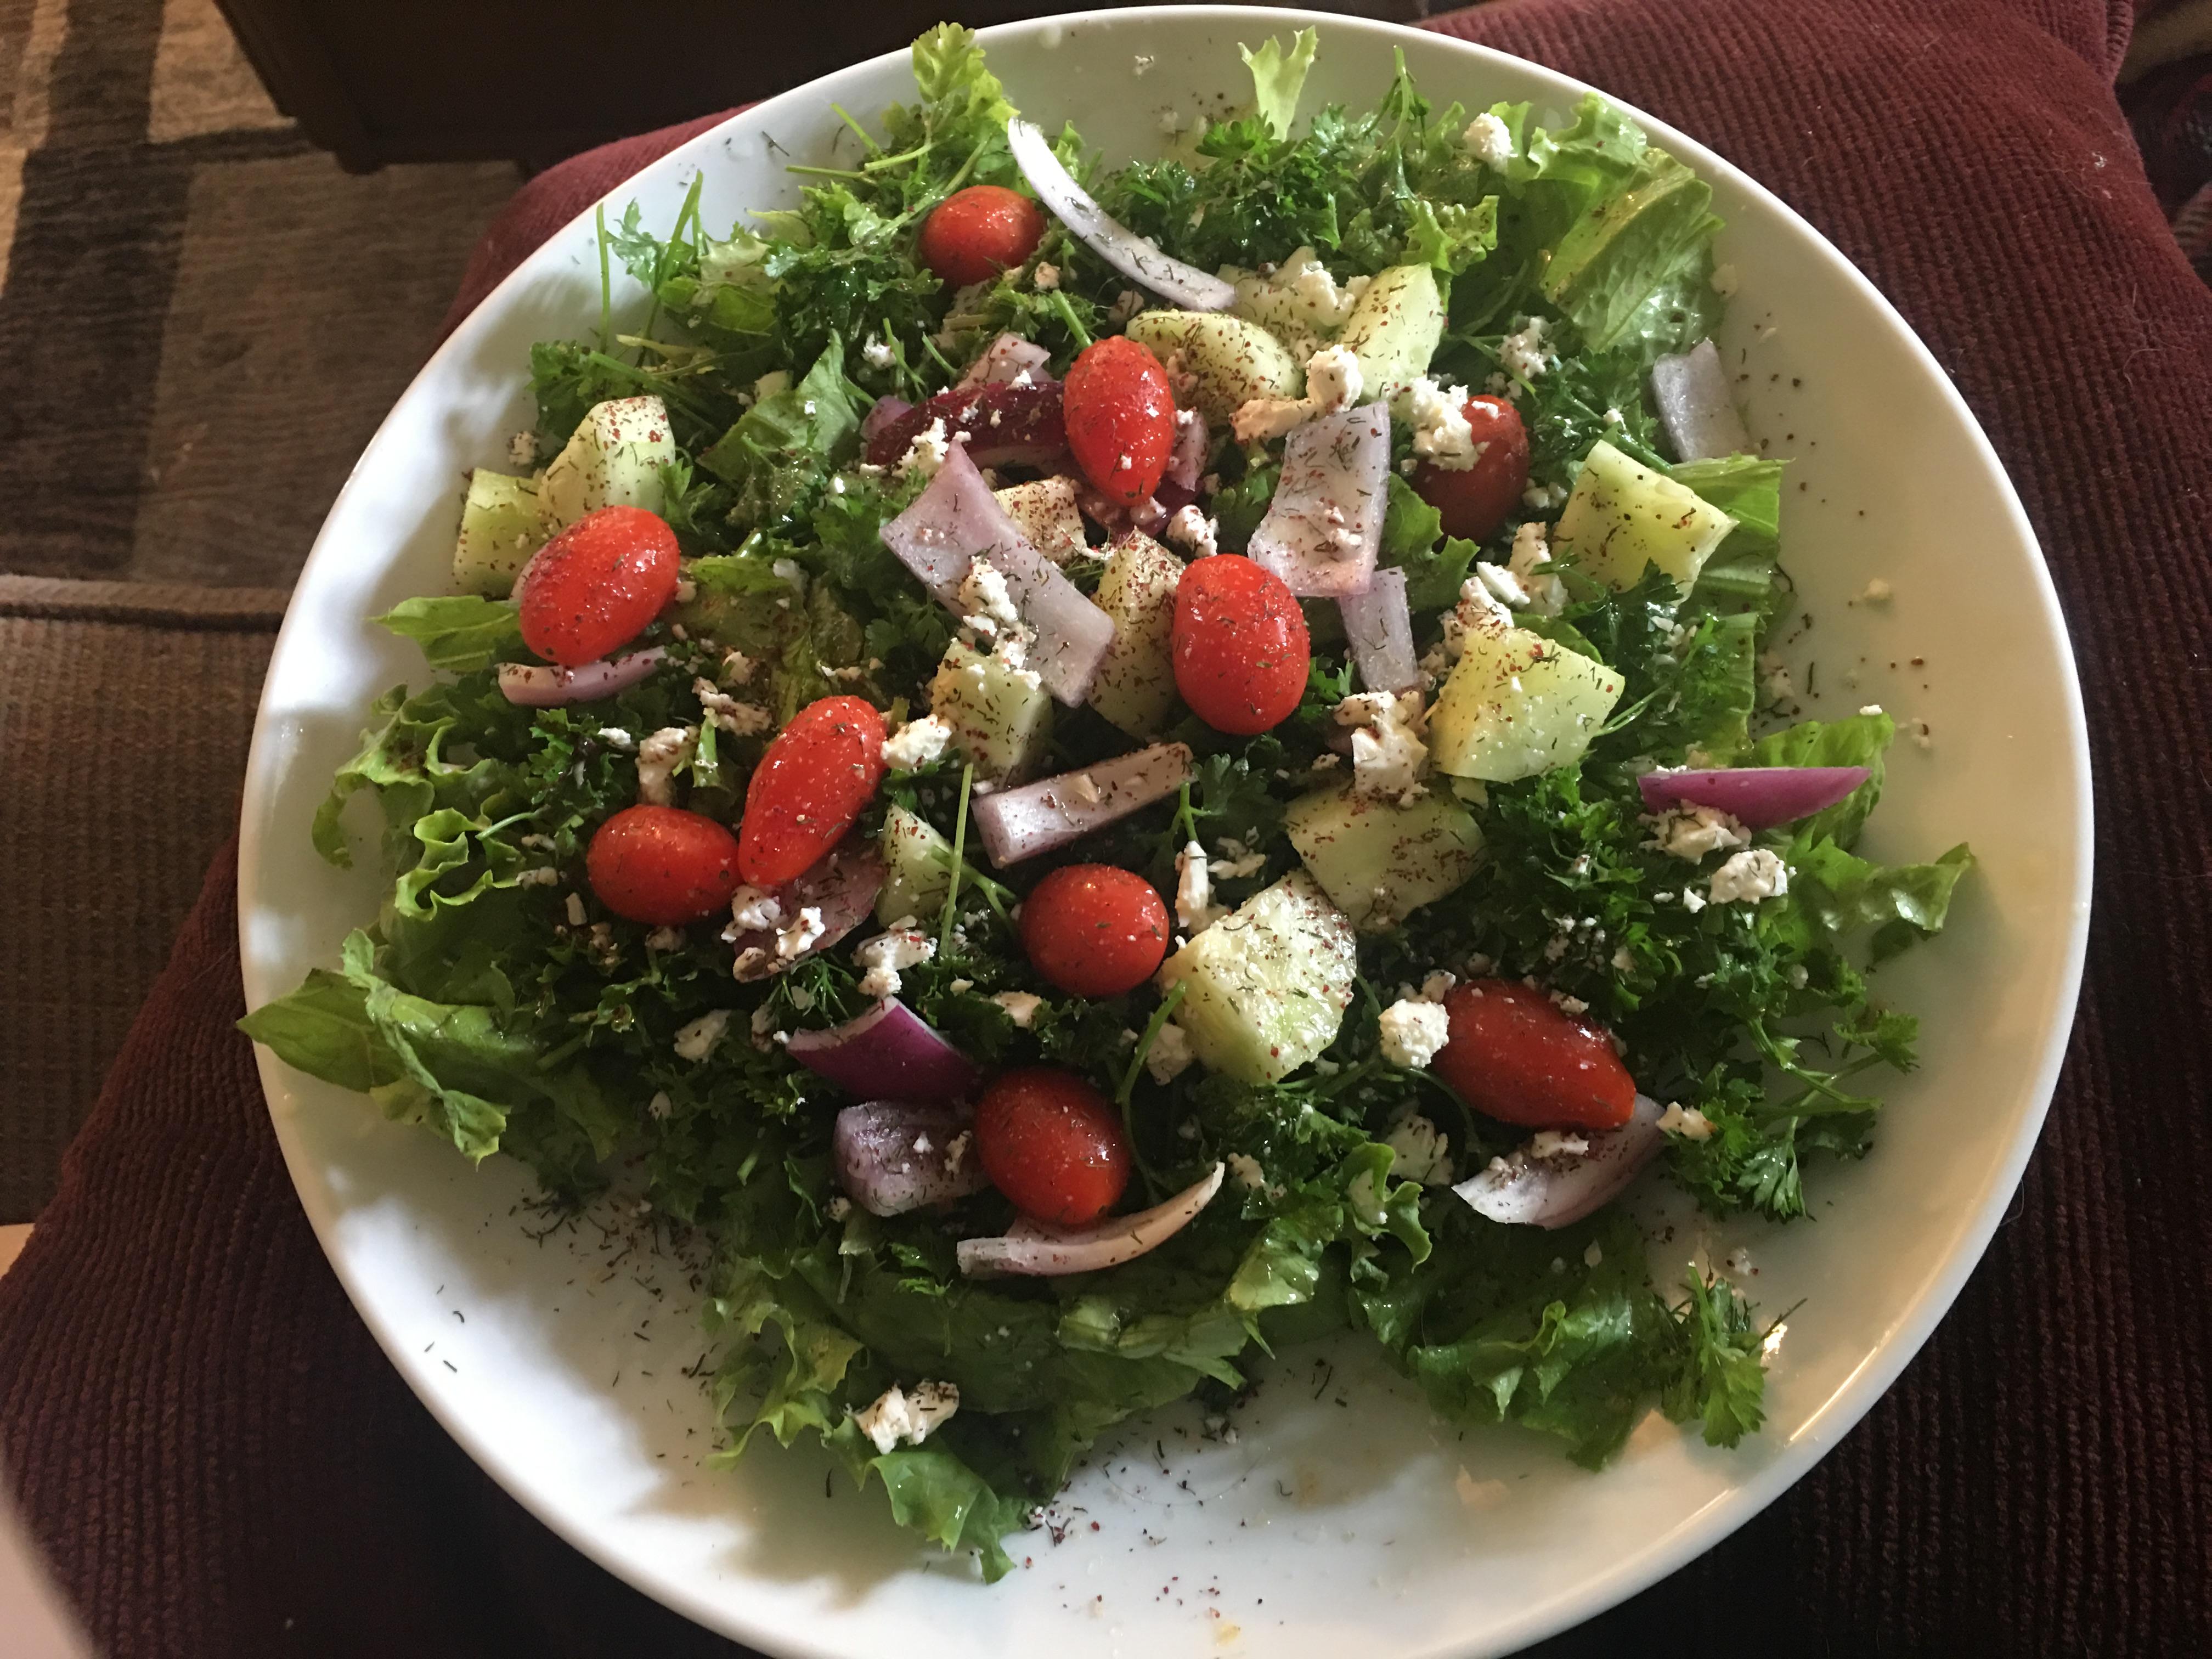 Arabic Fattoush Salad lmaacki